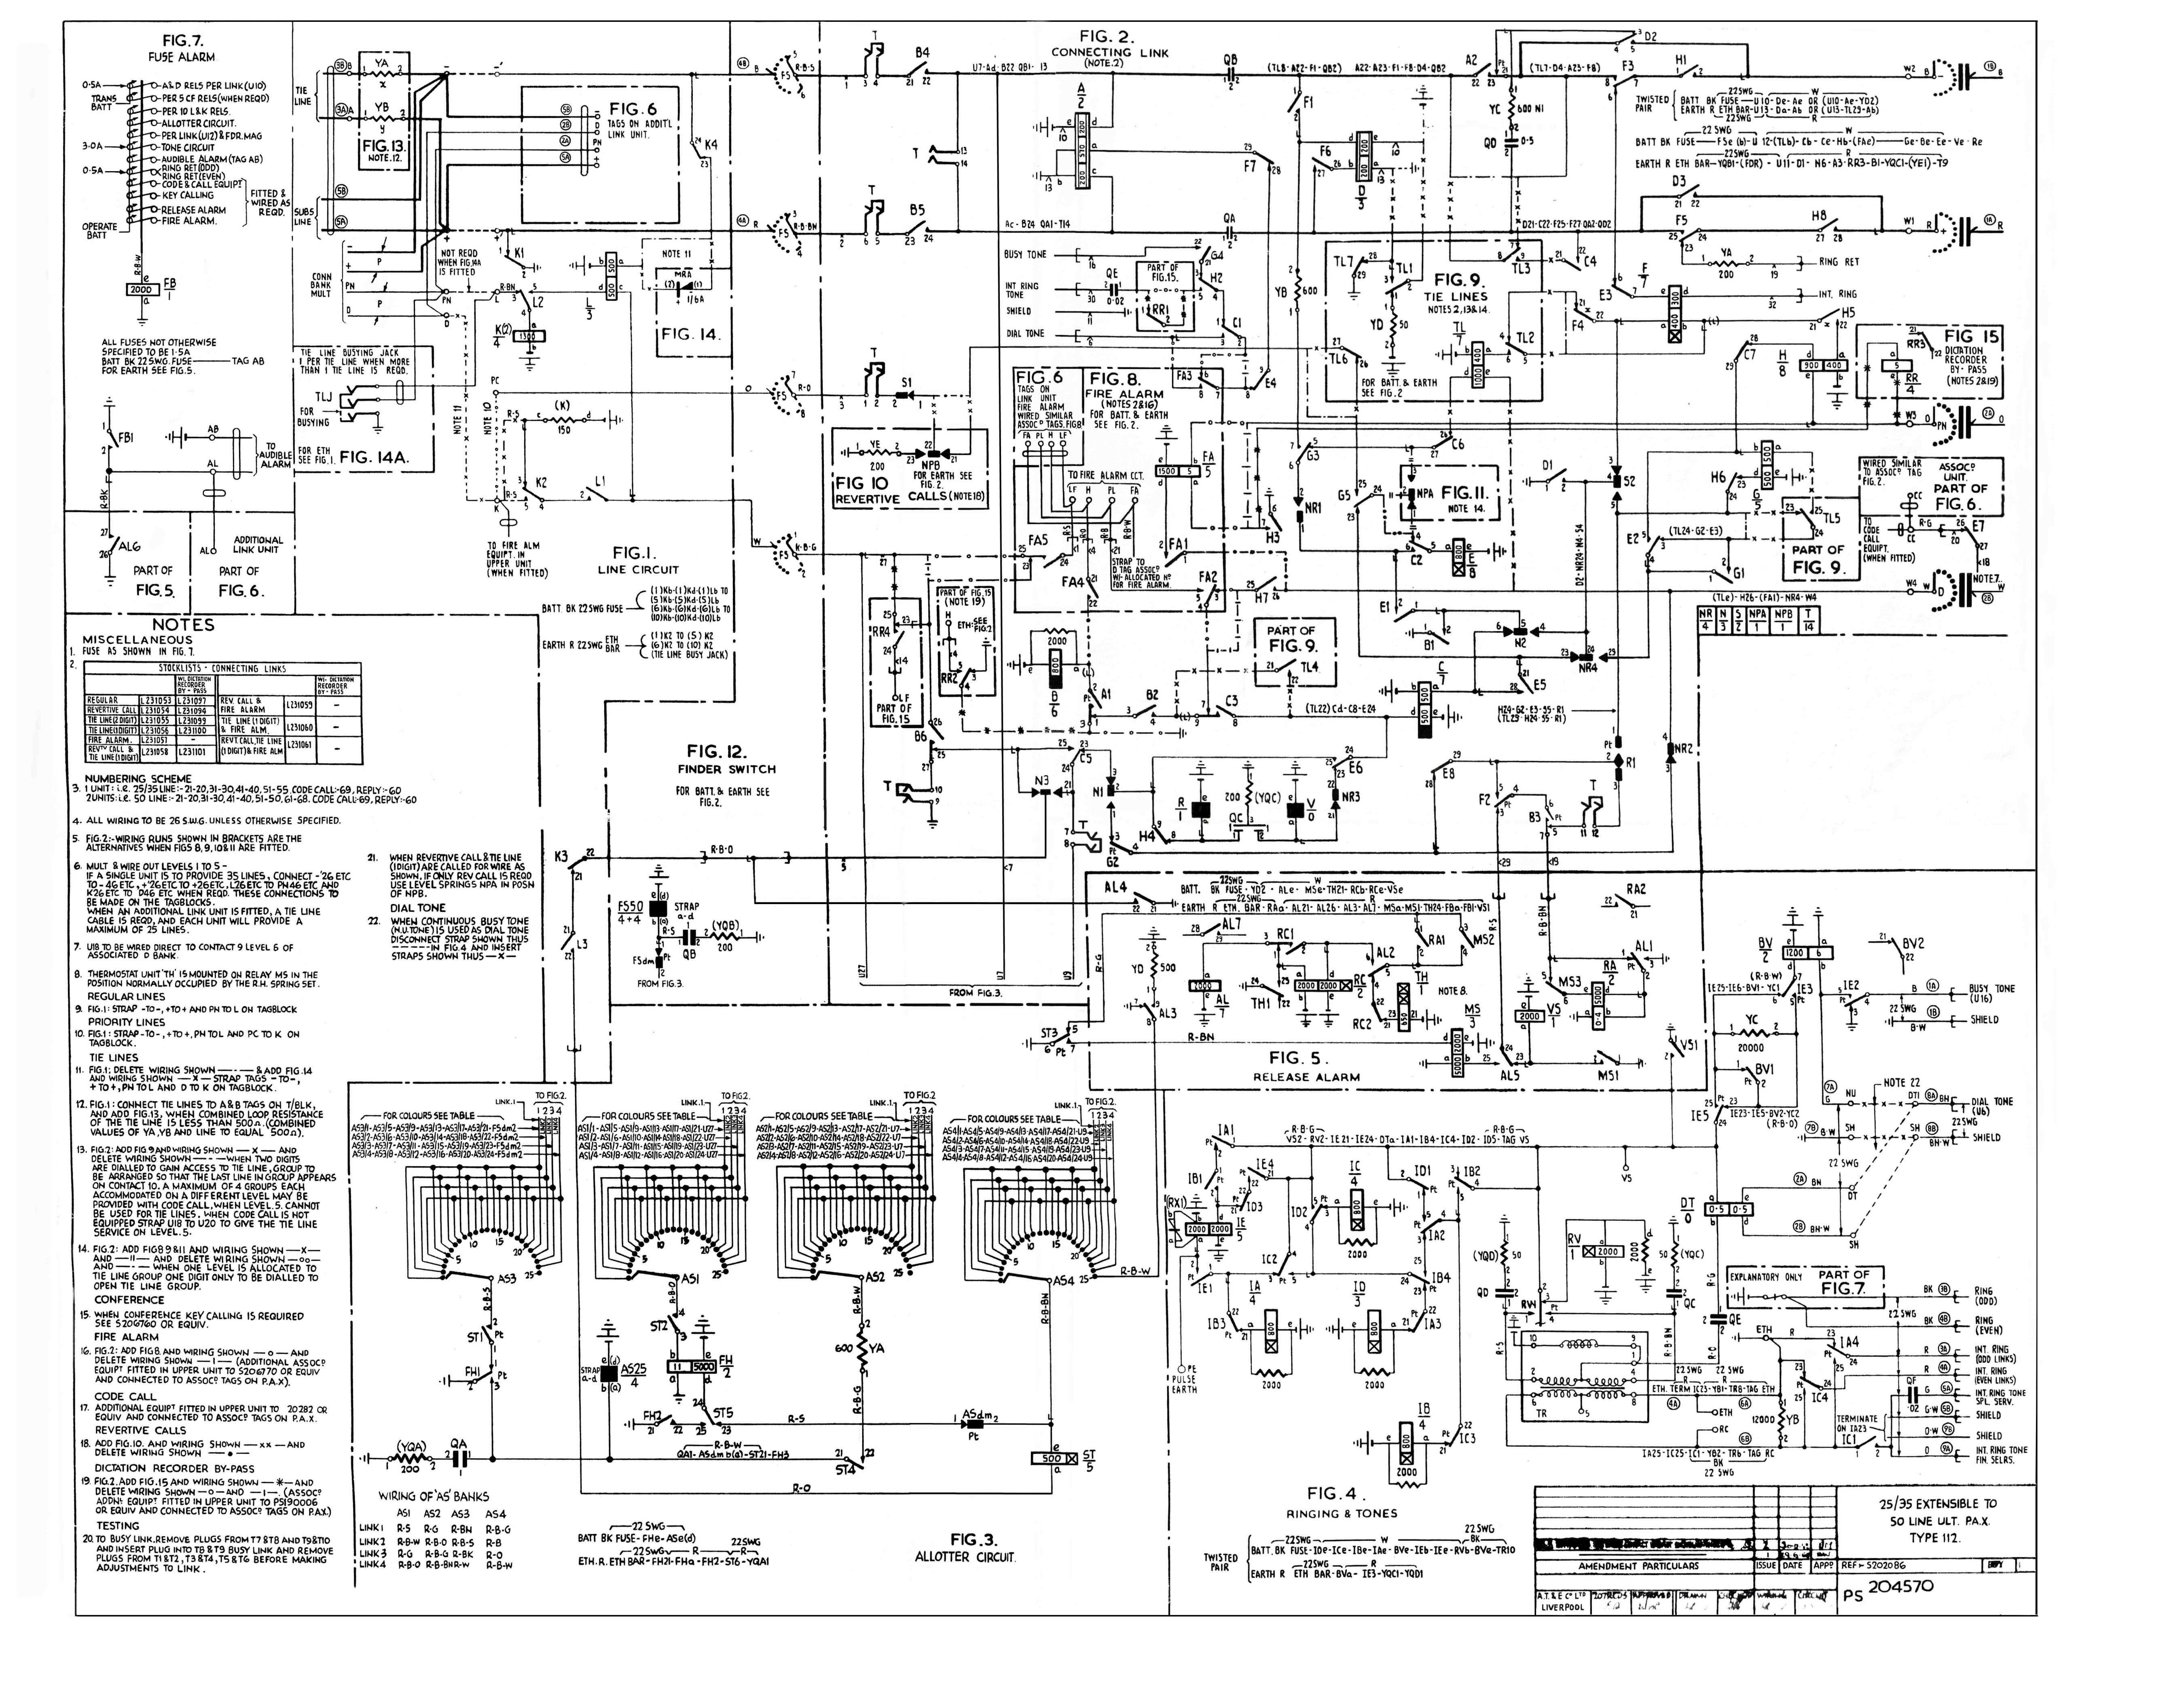 [DIAGRAM] Caterpillar C7 Engine Diagram